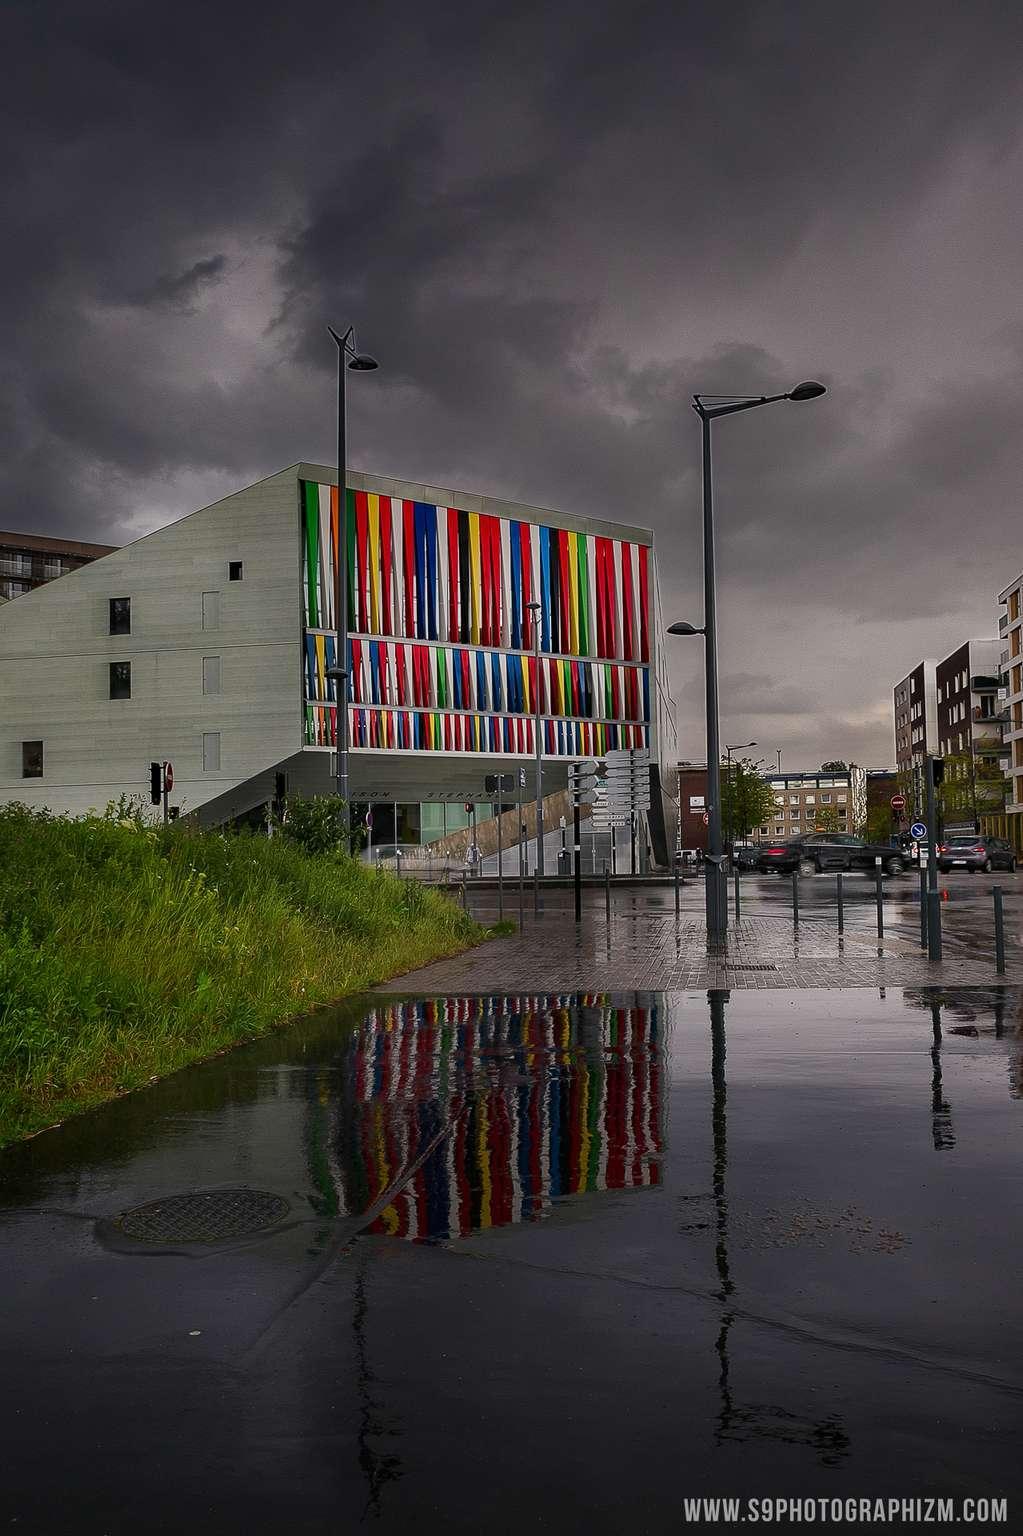 s9photographizm, photographe d'Architecture intérieure et extérieure à Lille, région Hauts de France, Nord-pas-de-Calais